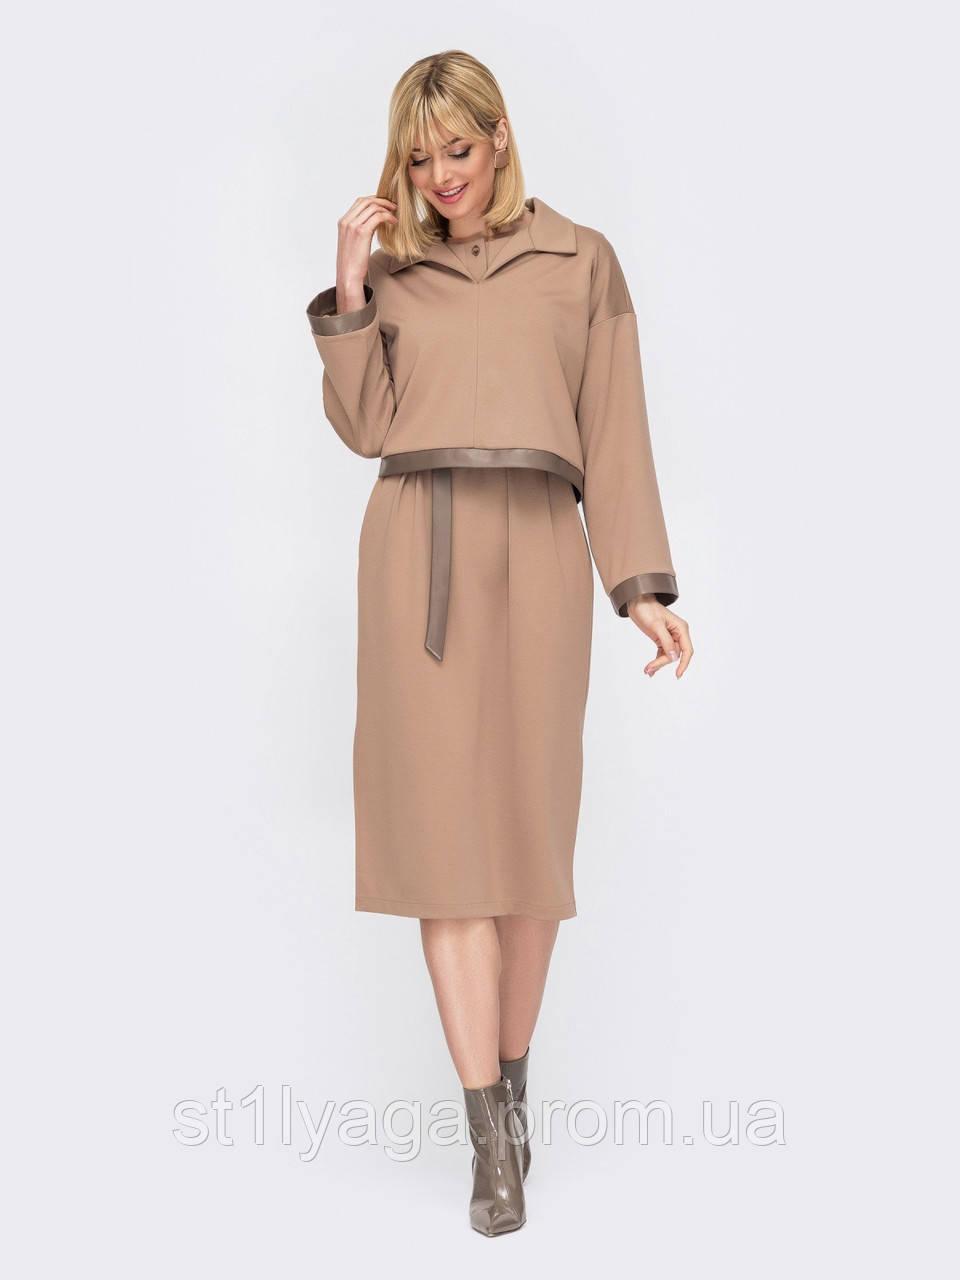 Трикотажний костюм з сукні без рукавів і кофти